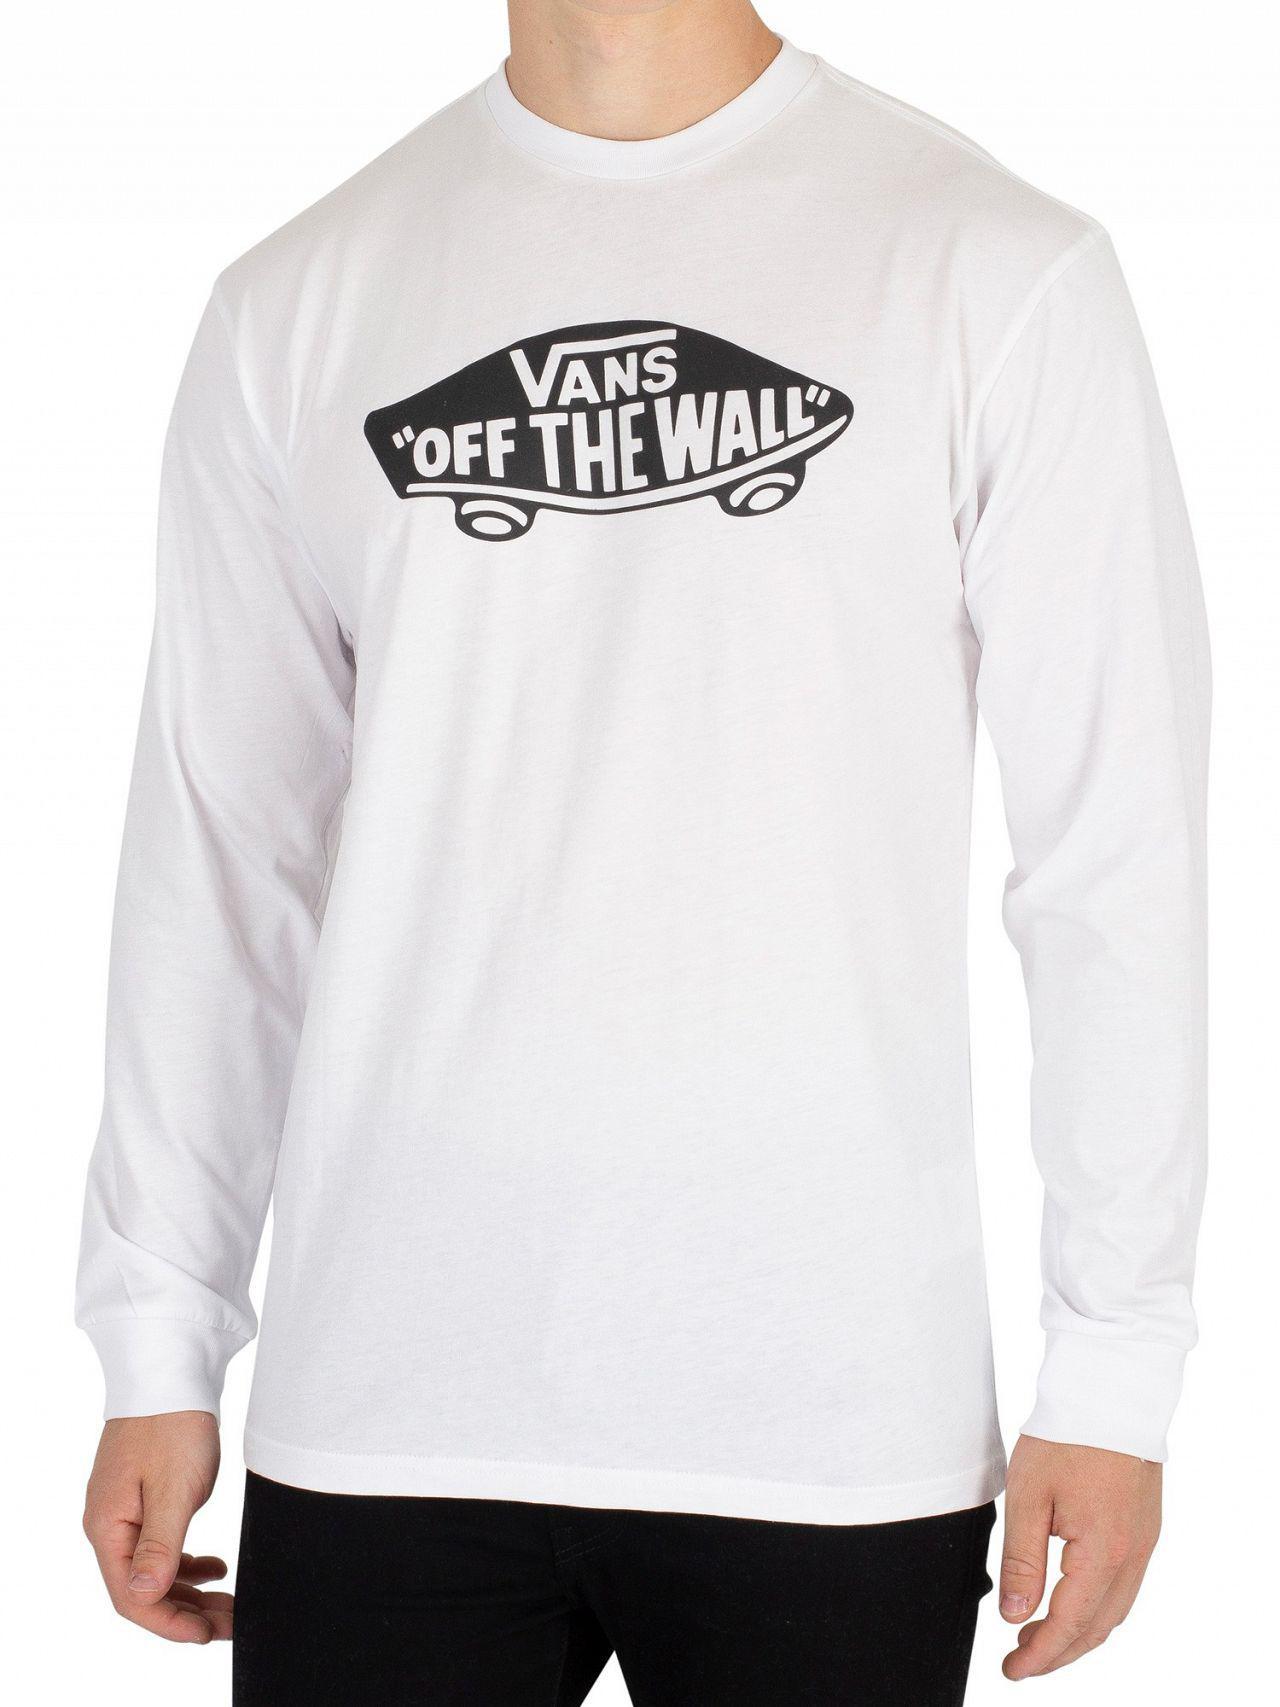 837dd7be6acd87 Lyst - Vans Ot Long Sleeve Long Sleeve T-shirt in White for Men